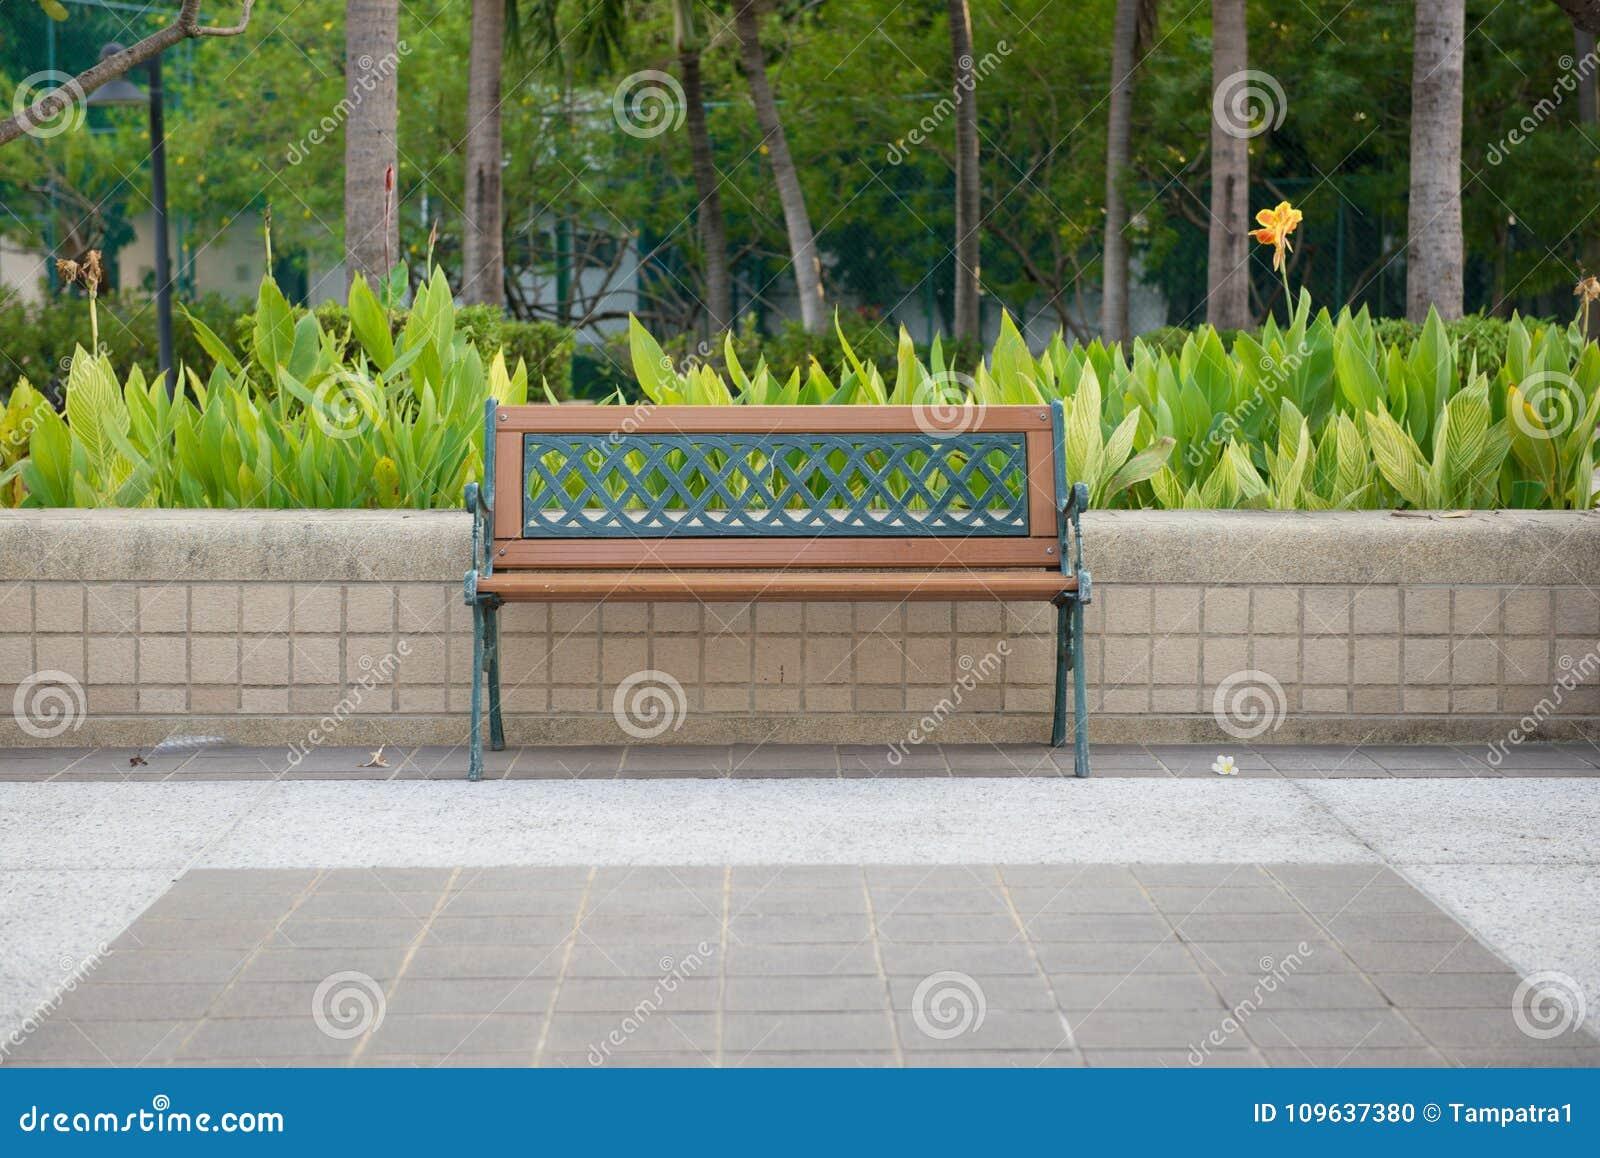 Banco vacío aislado en un parque público con el jardín